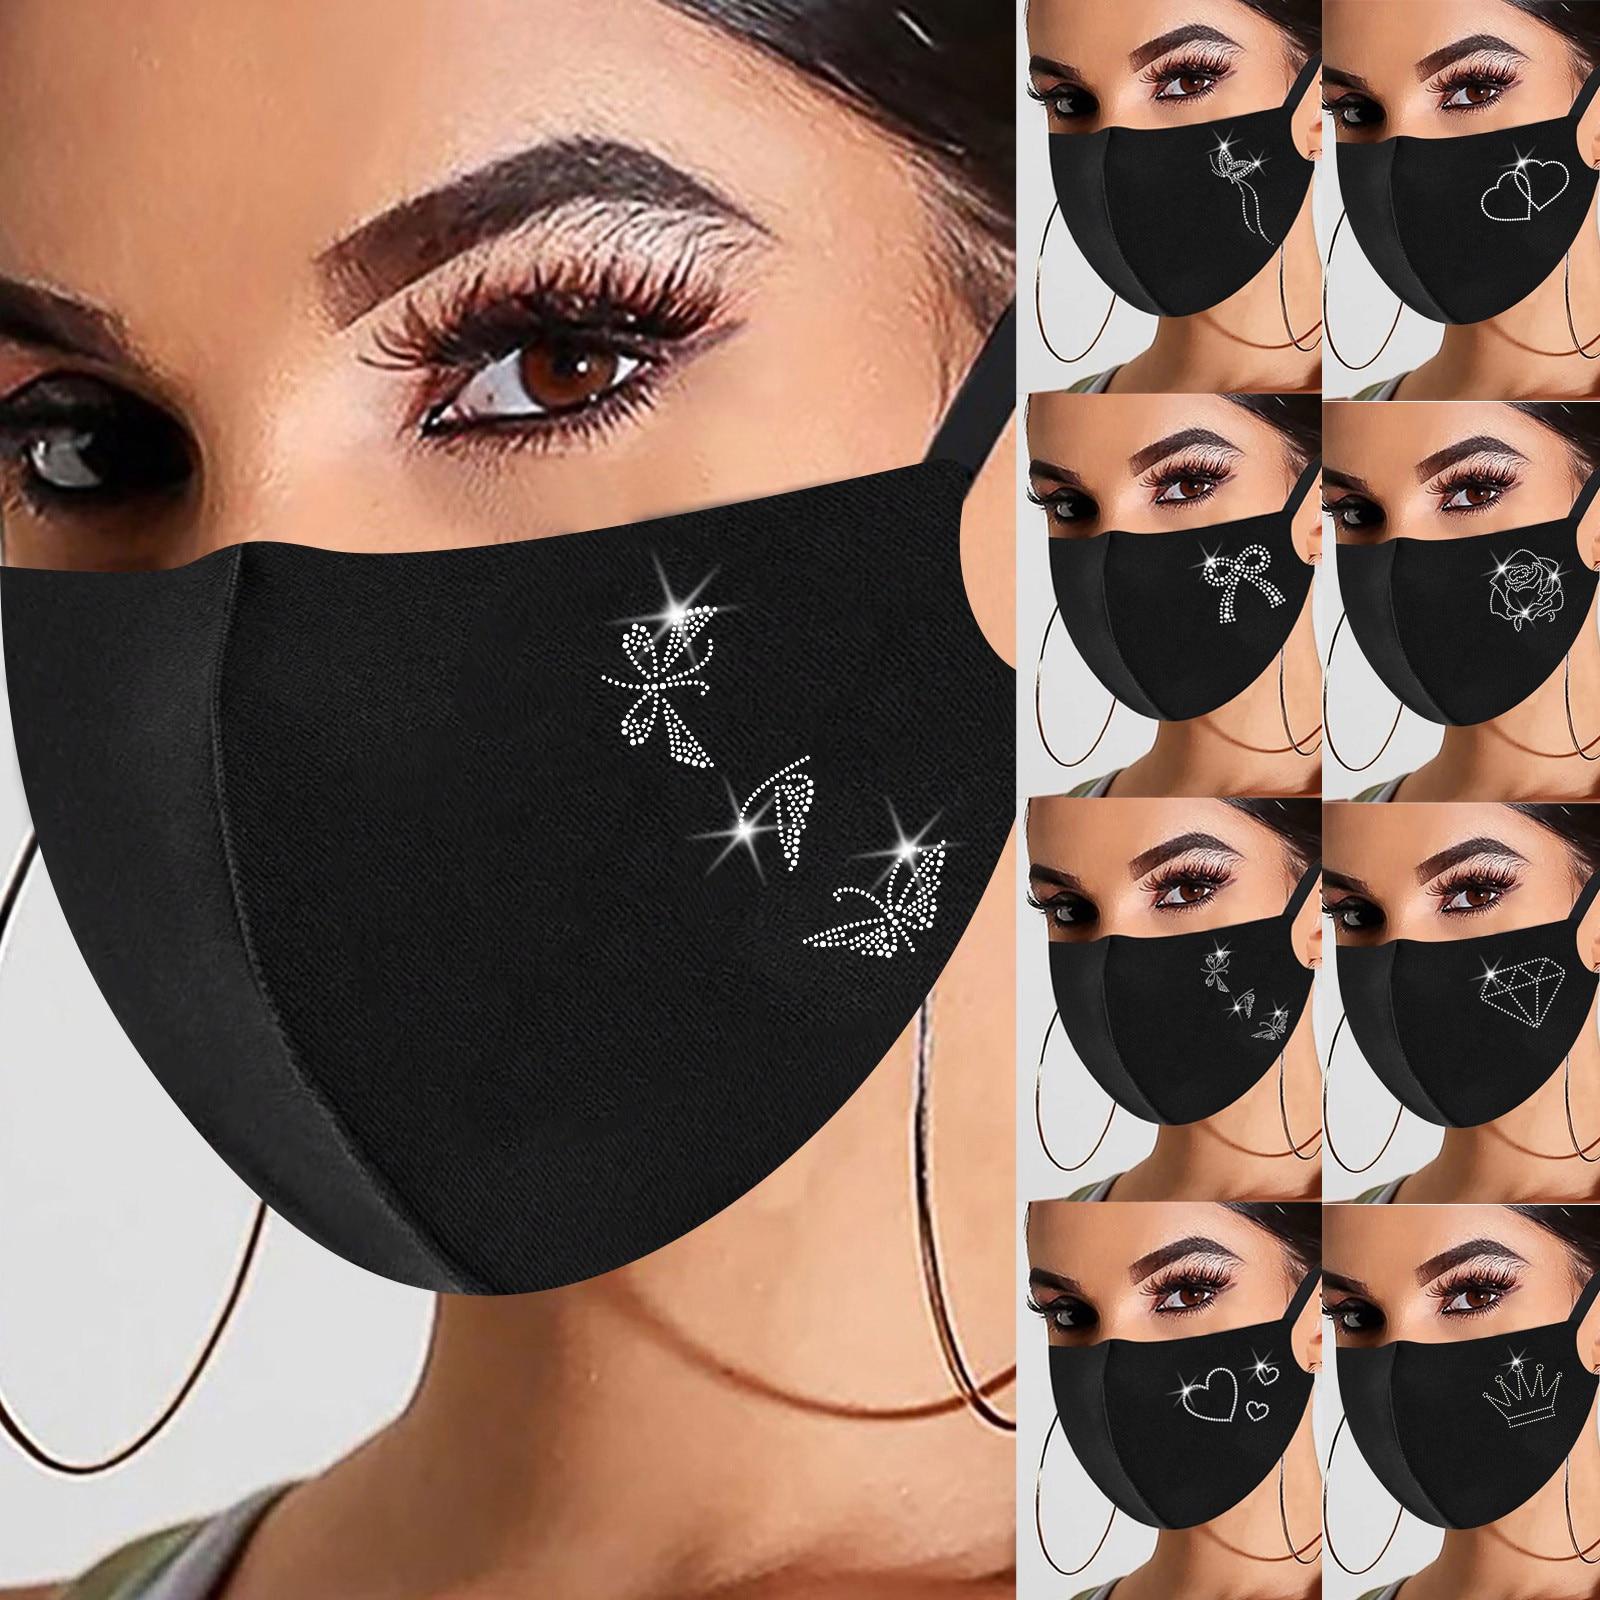 Блестящая Маска Стразы, алмазная критальная маска для лица, многоразовая дышащая защитная маска, моющиеся маски для рта, маски